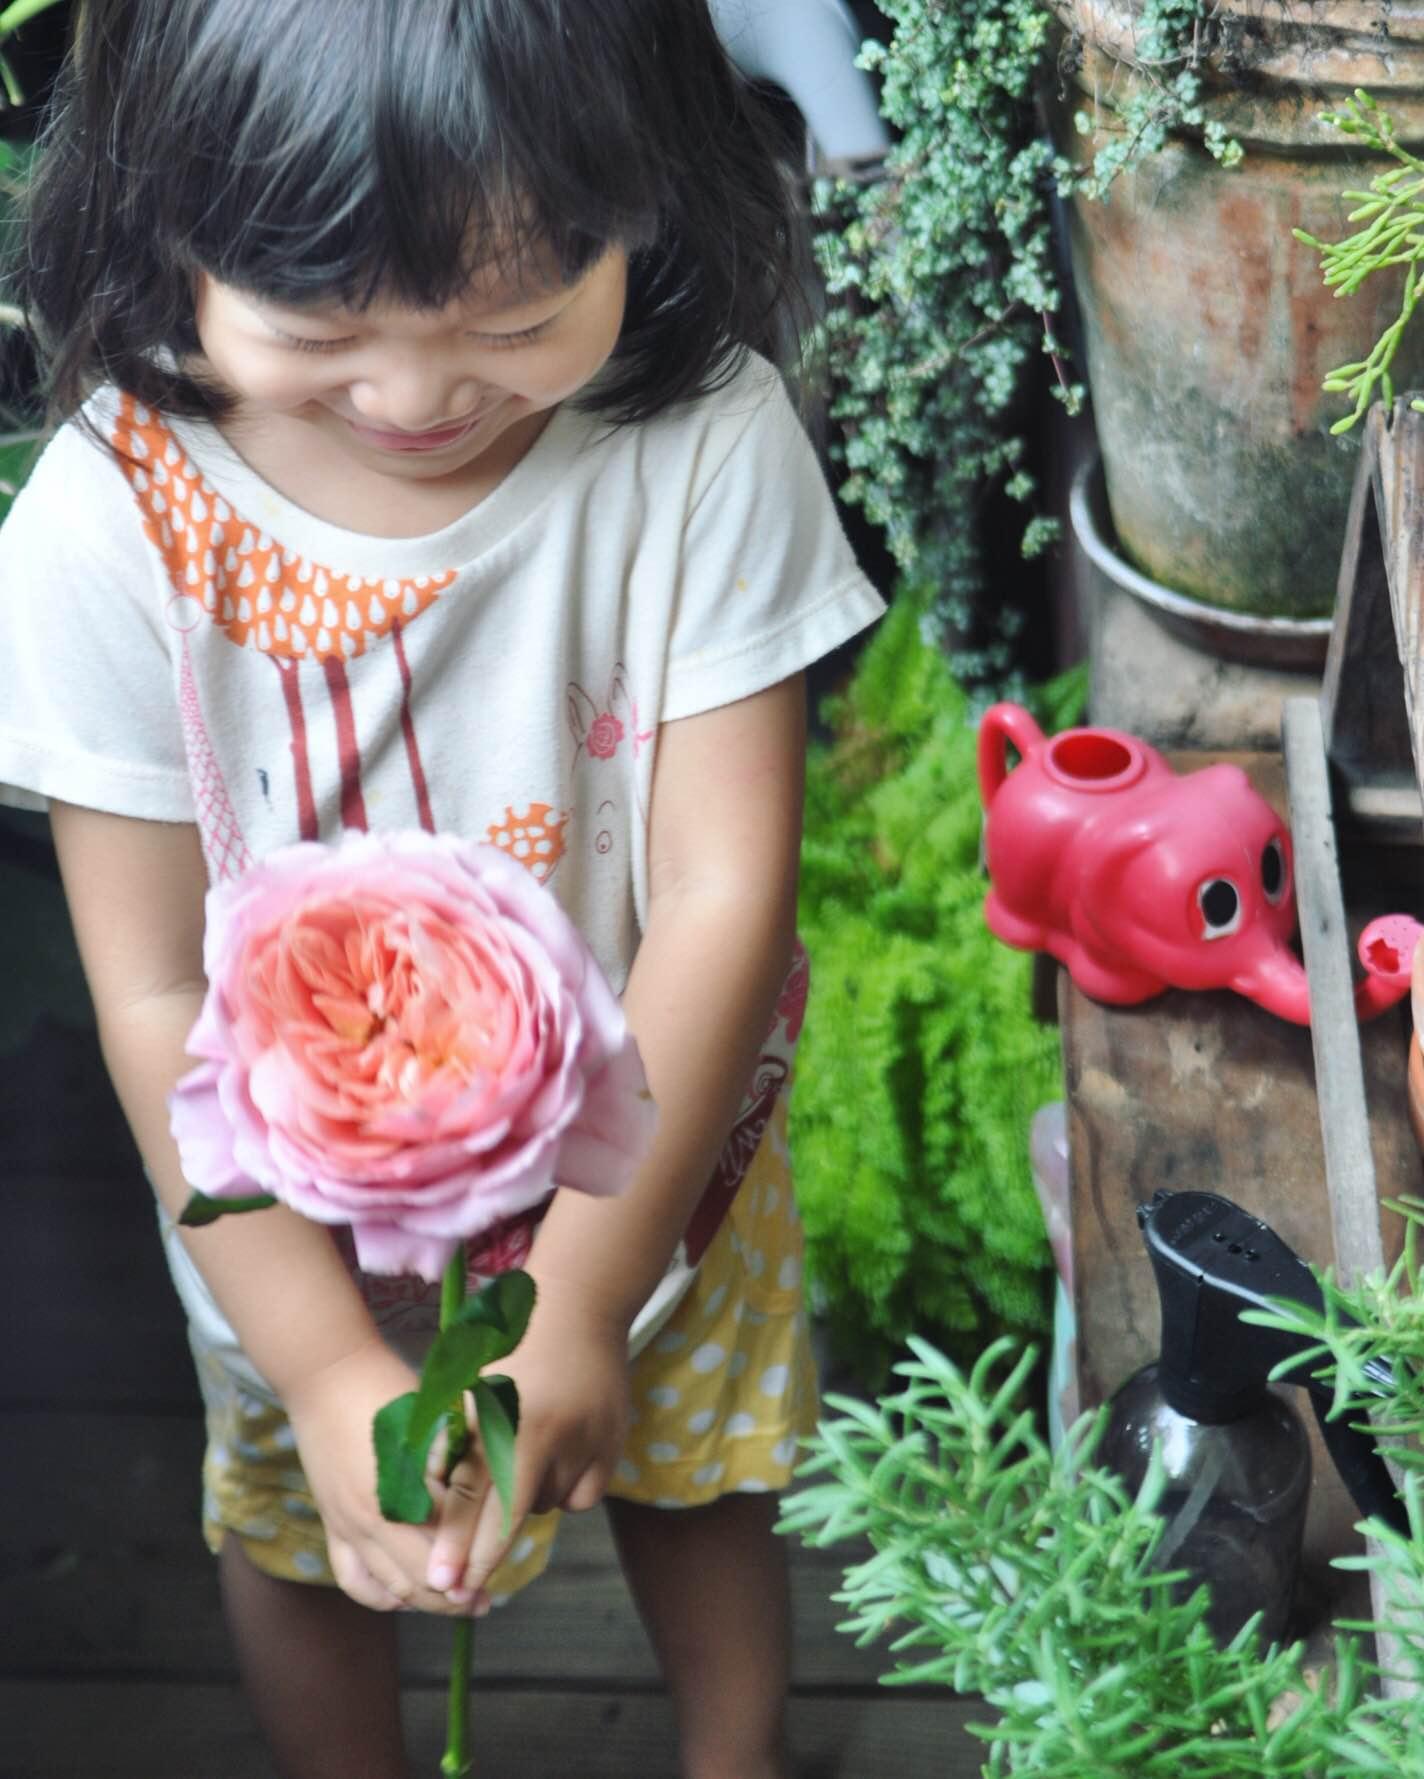 小女兒耳濡目染,常有模有樣的跟著茉莉紮花束。圖片由茉莉花園提供